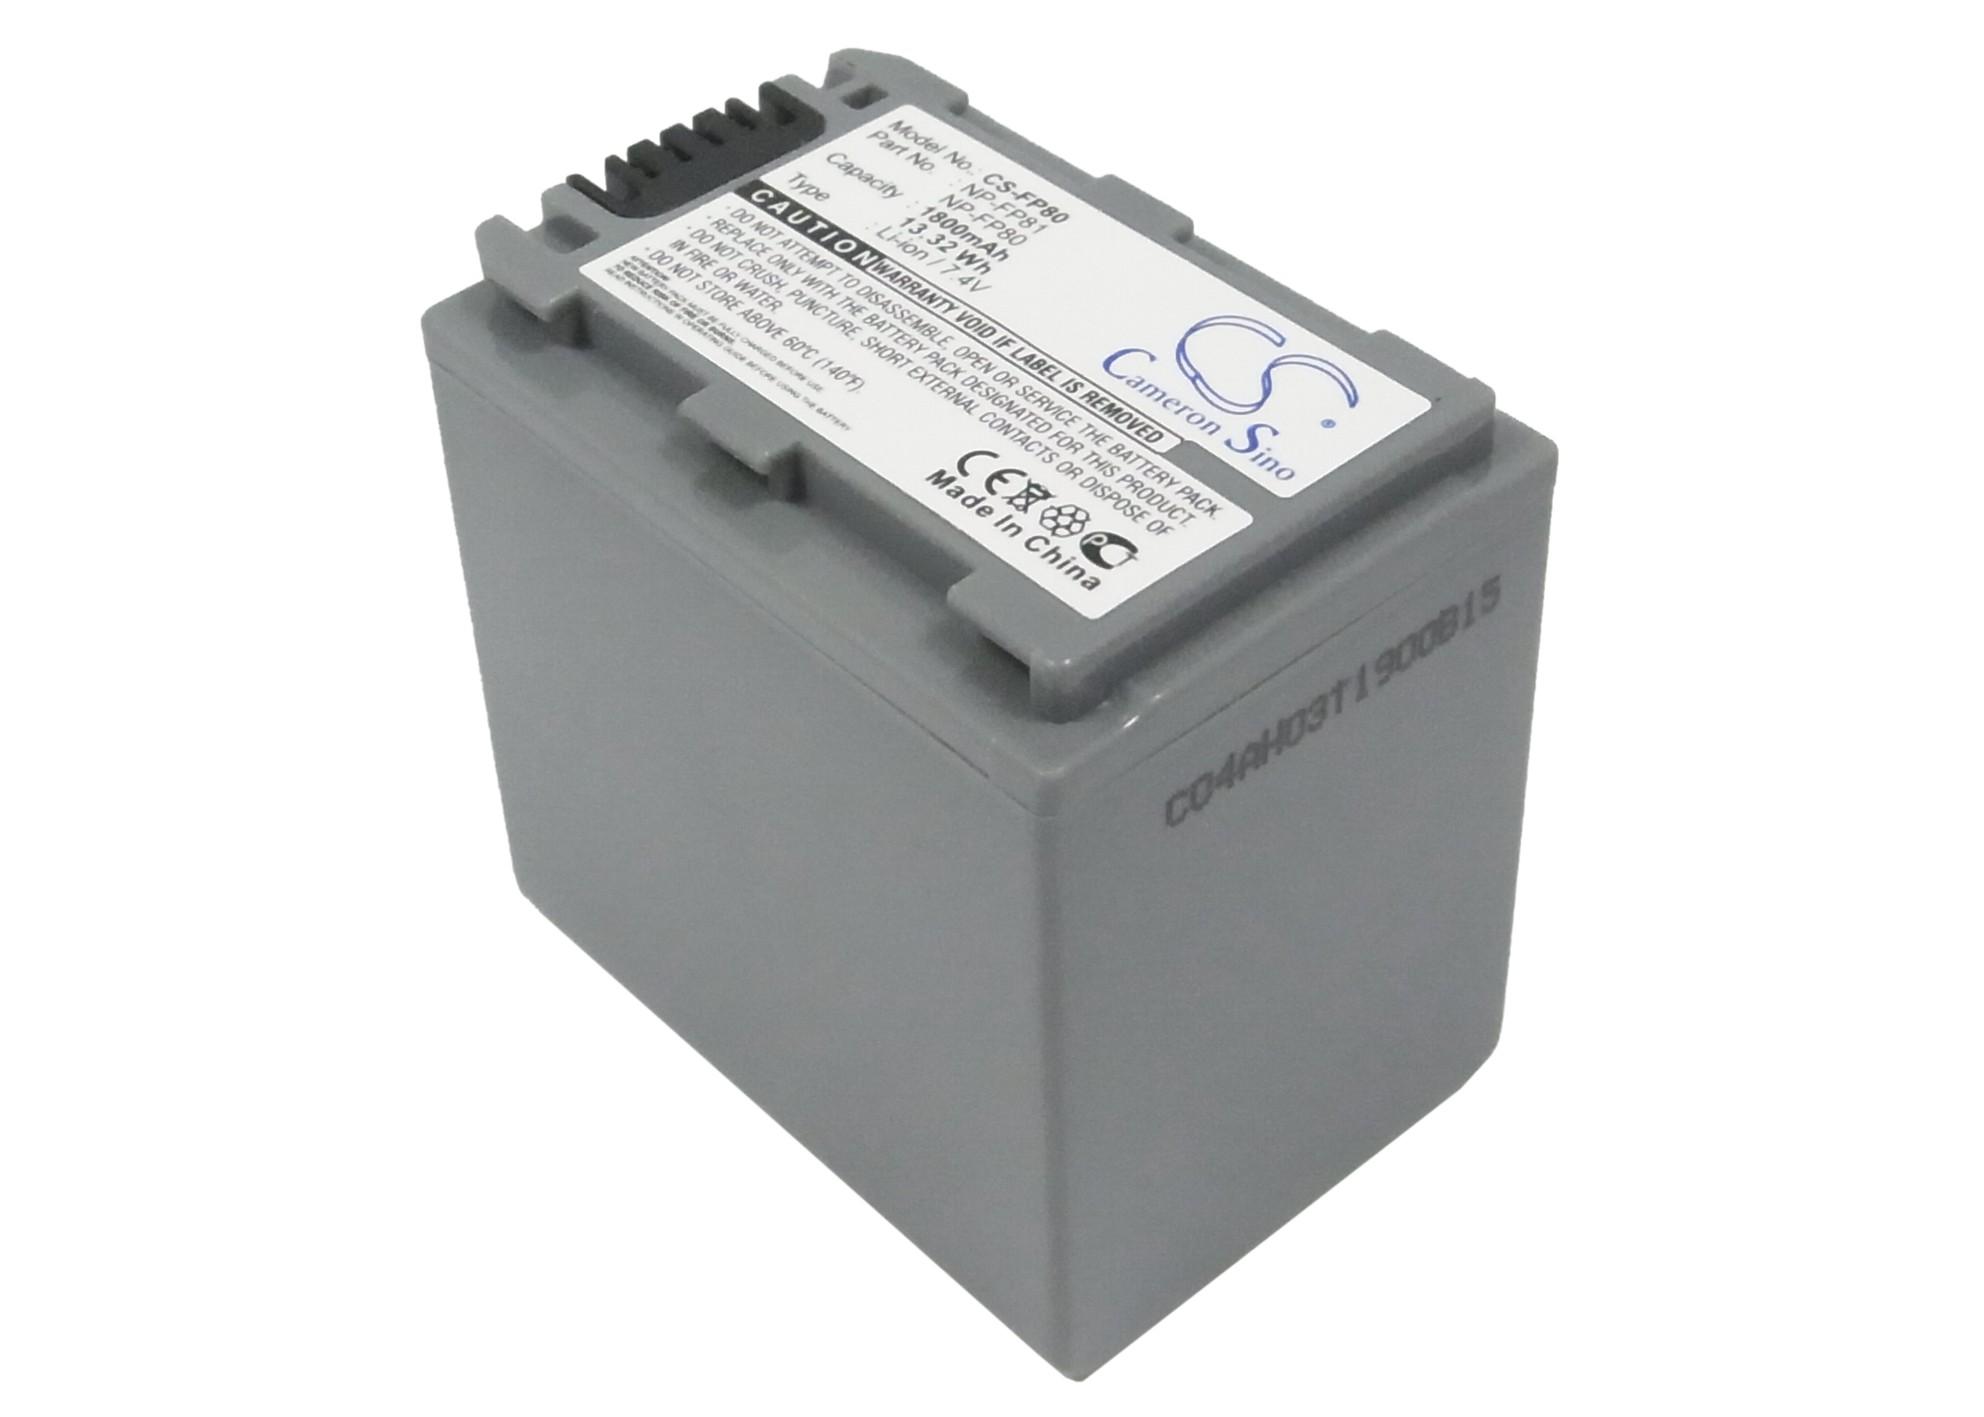 Cameron Sino baterie do kamer a fotoaparátů pro SONY DCR-HC20E 7.4V Li-ion 1800mAh tmavě šedá - neoriginální